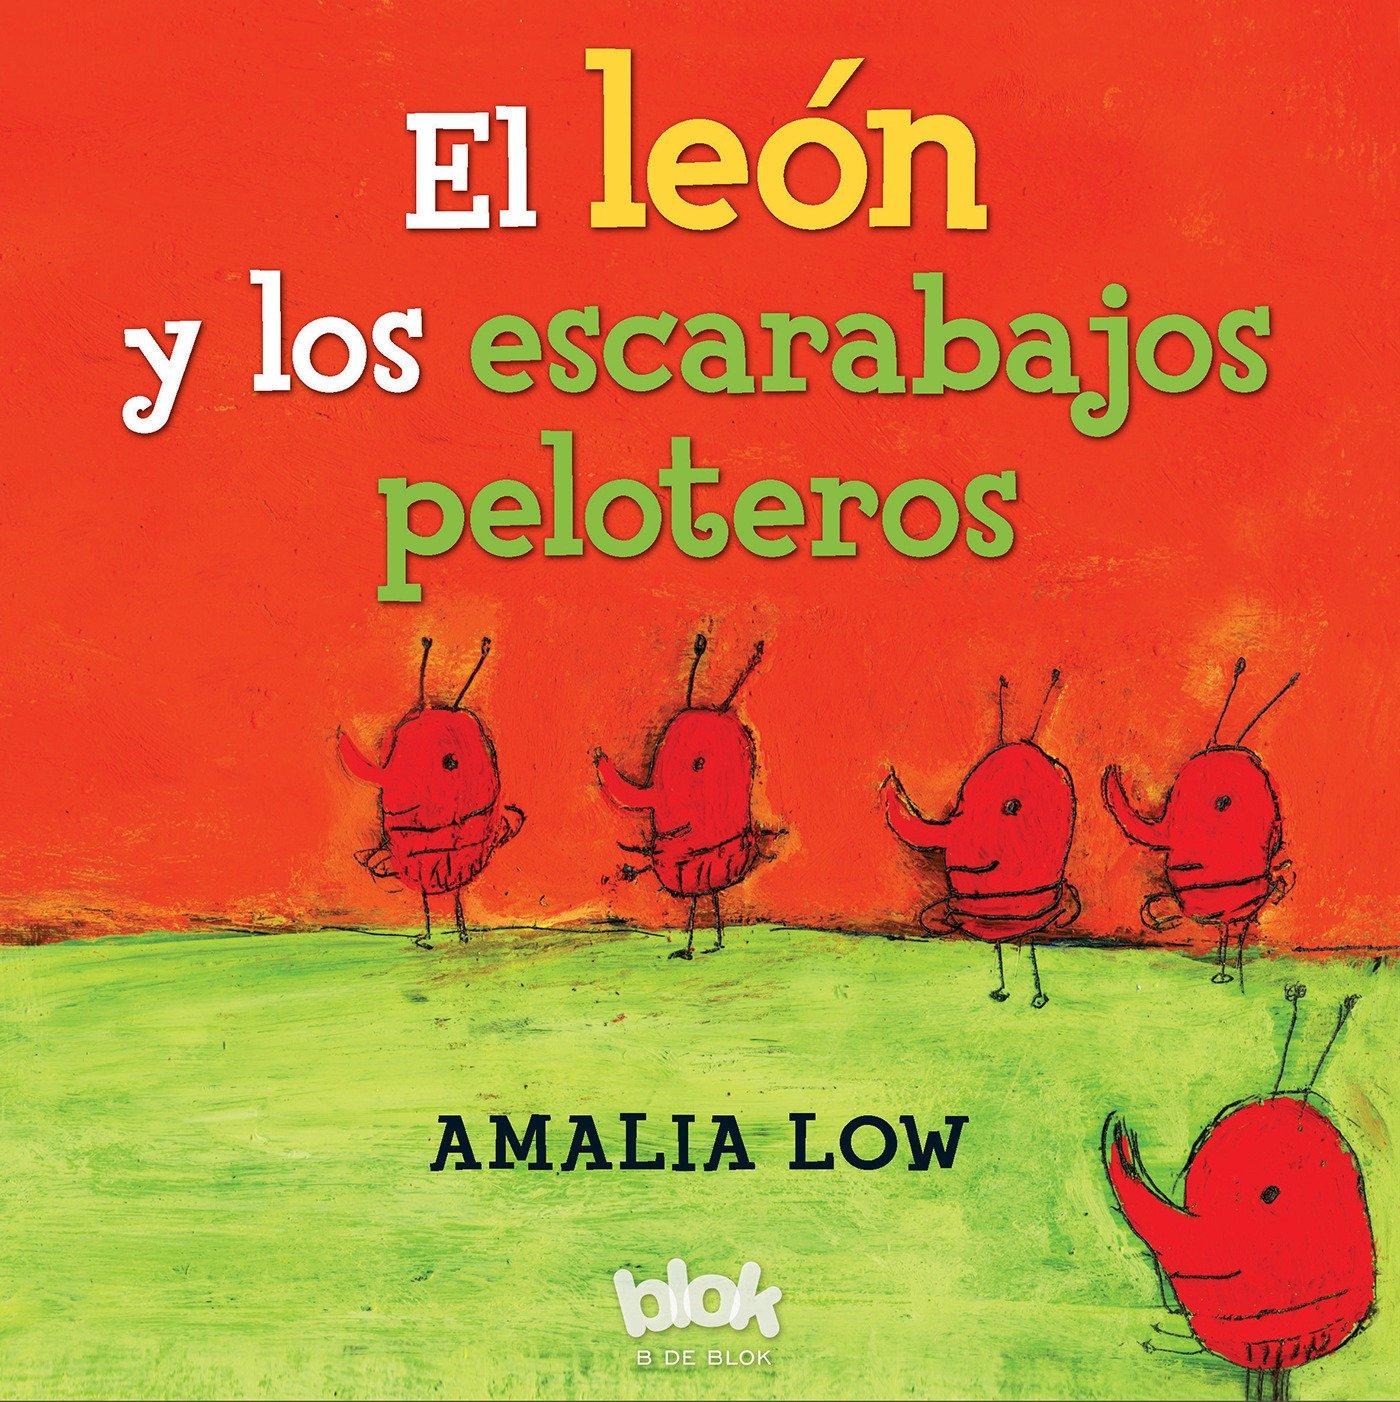 Download El leon y los escarabajos peloteros / The Lion and the Dung Beetles (Spanish Edition) ebook